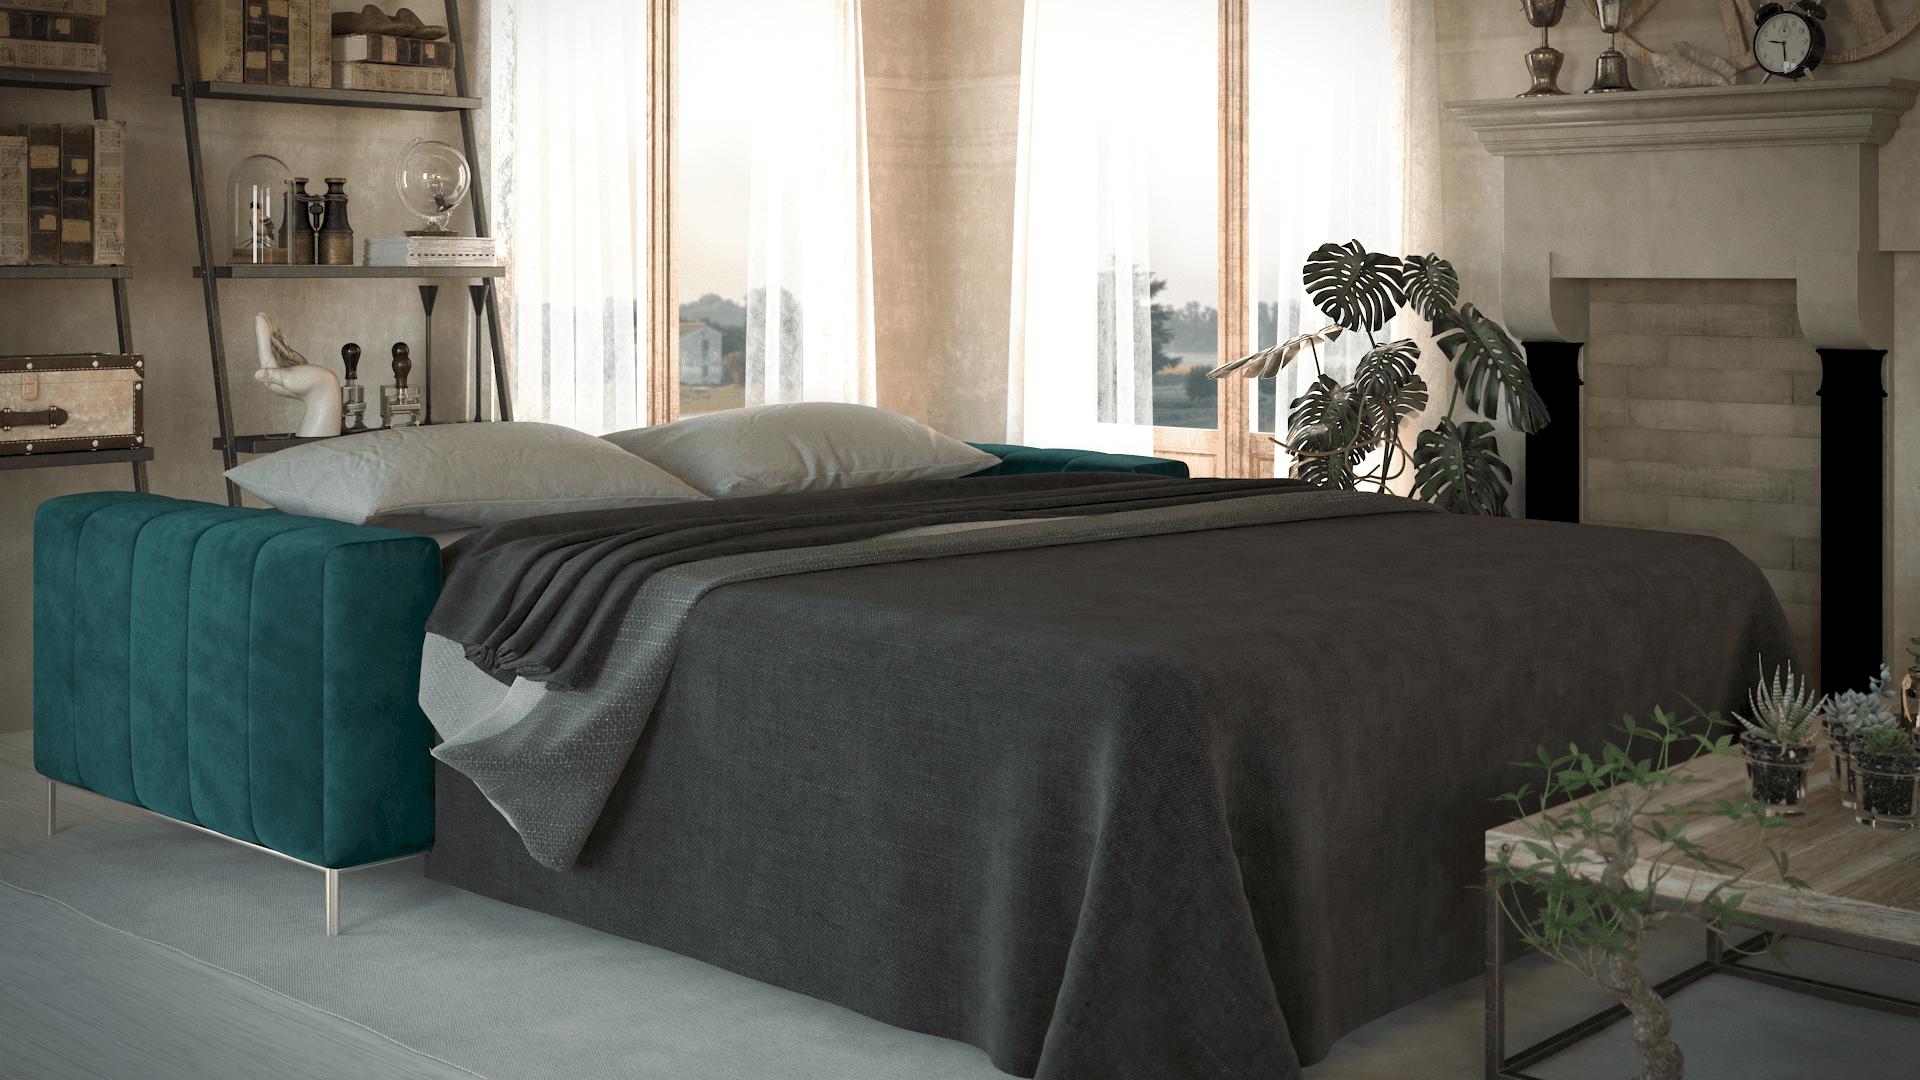 brenna salotti milano divano letto tubolar 03